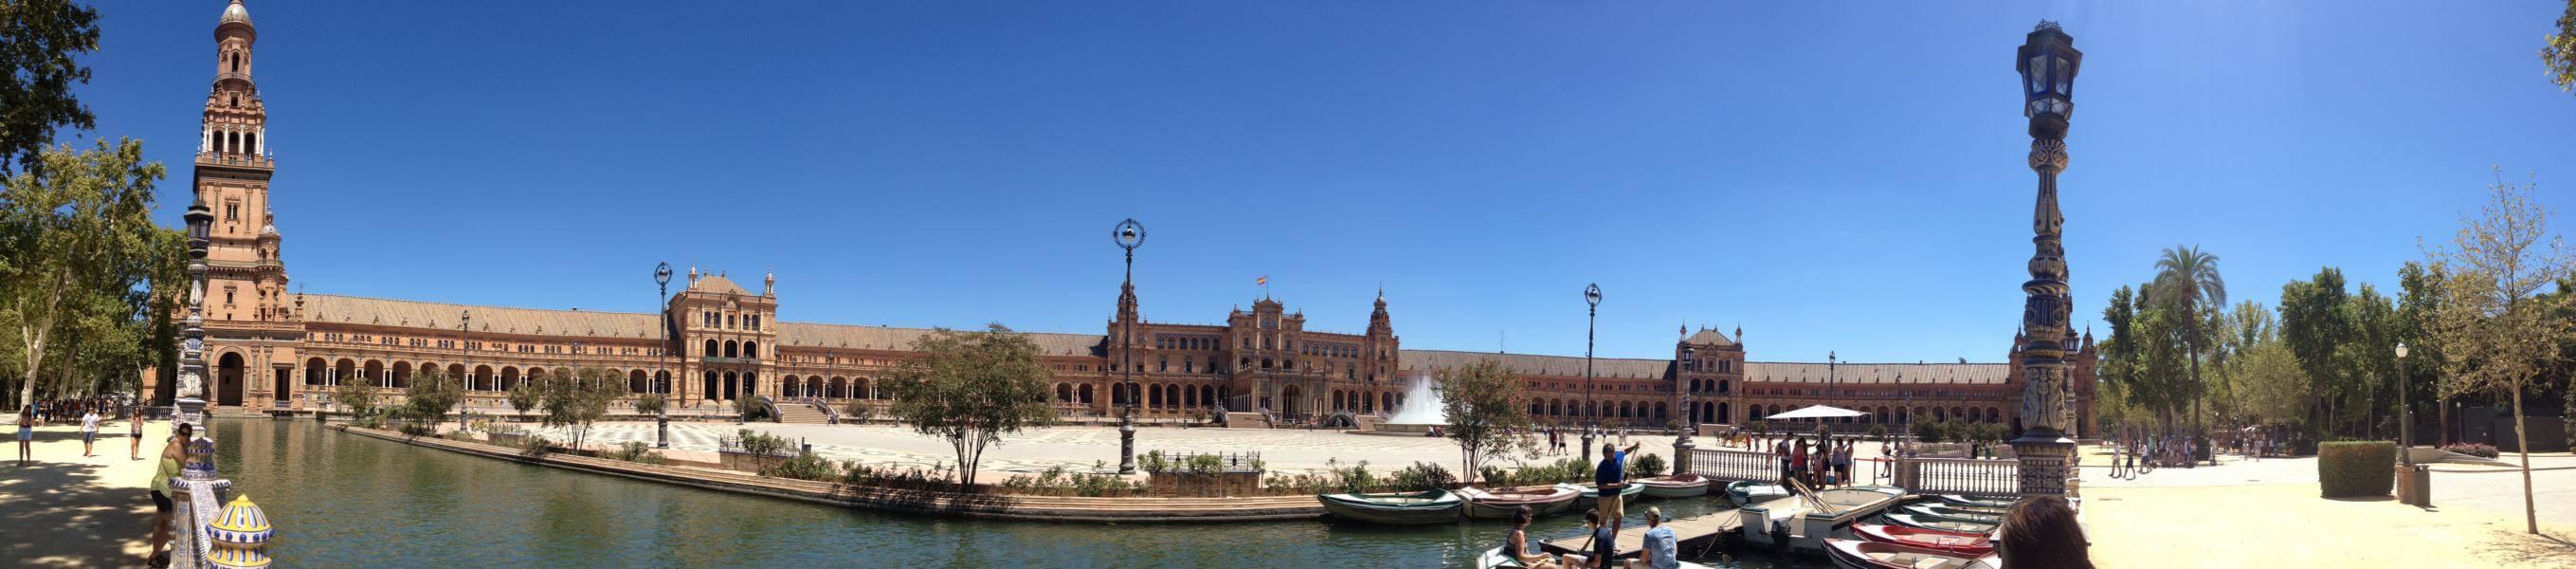 Plaza de Espana, Sevilla, Andalusien